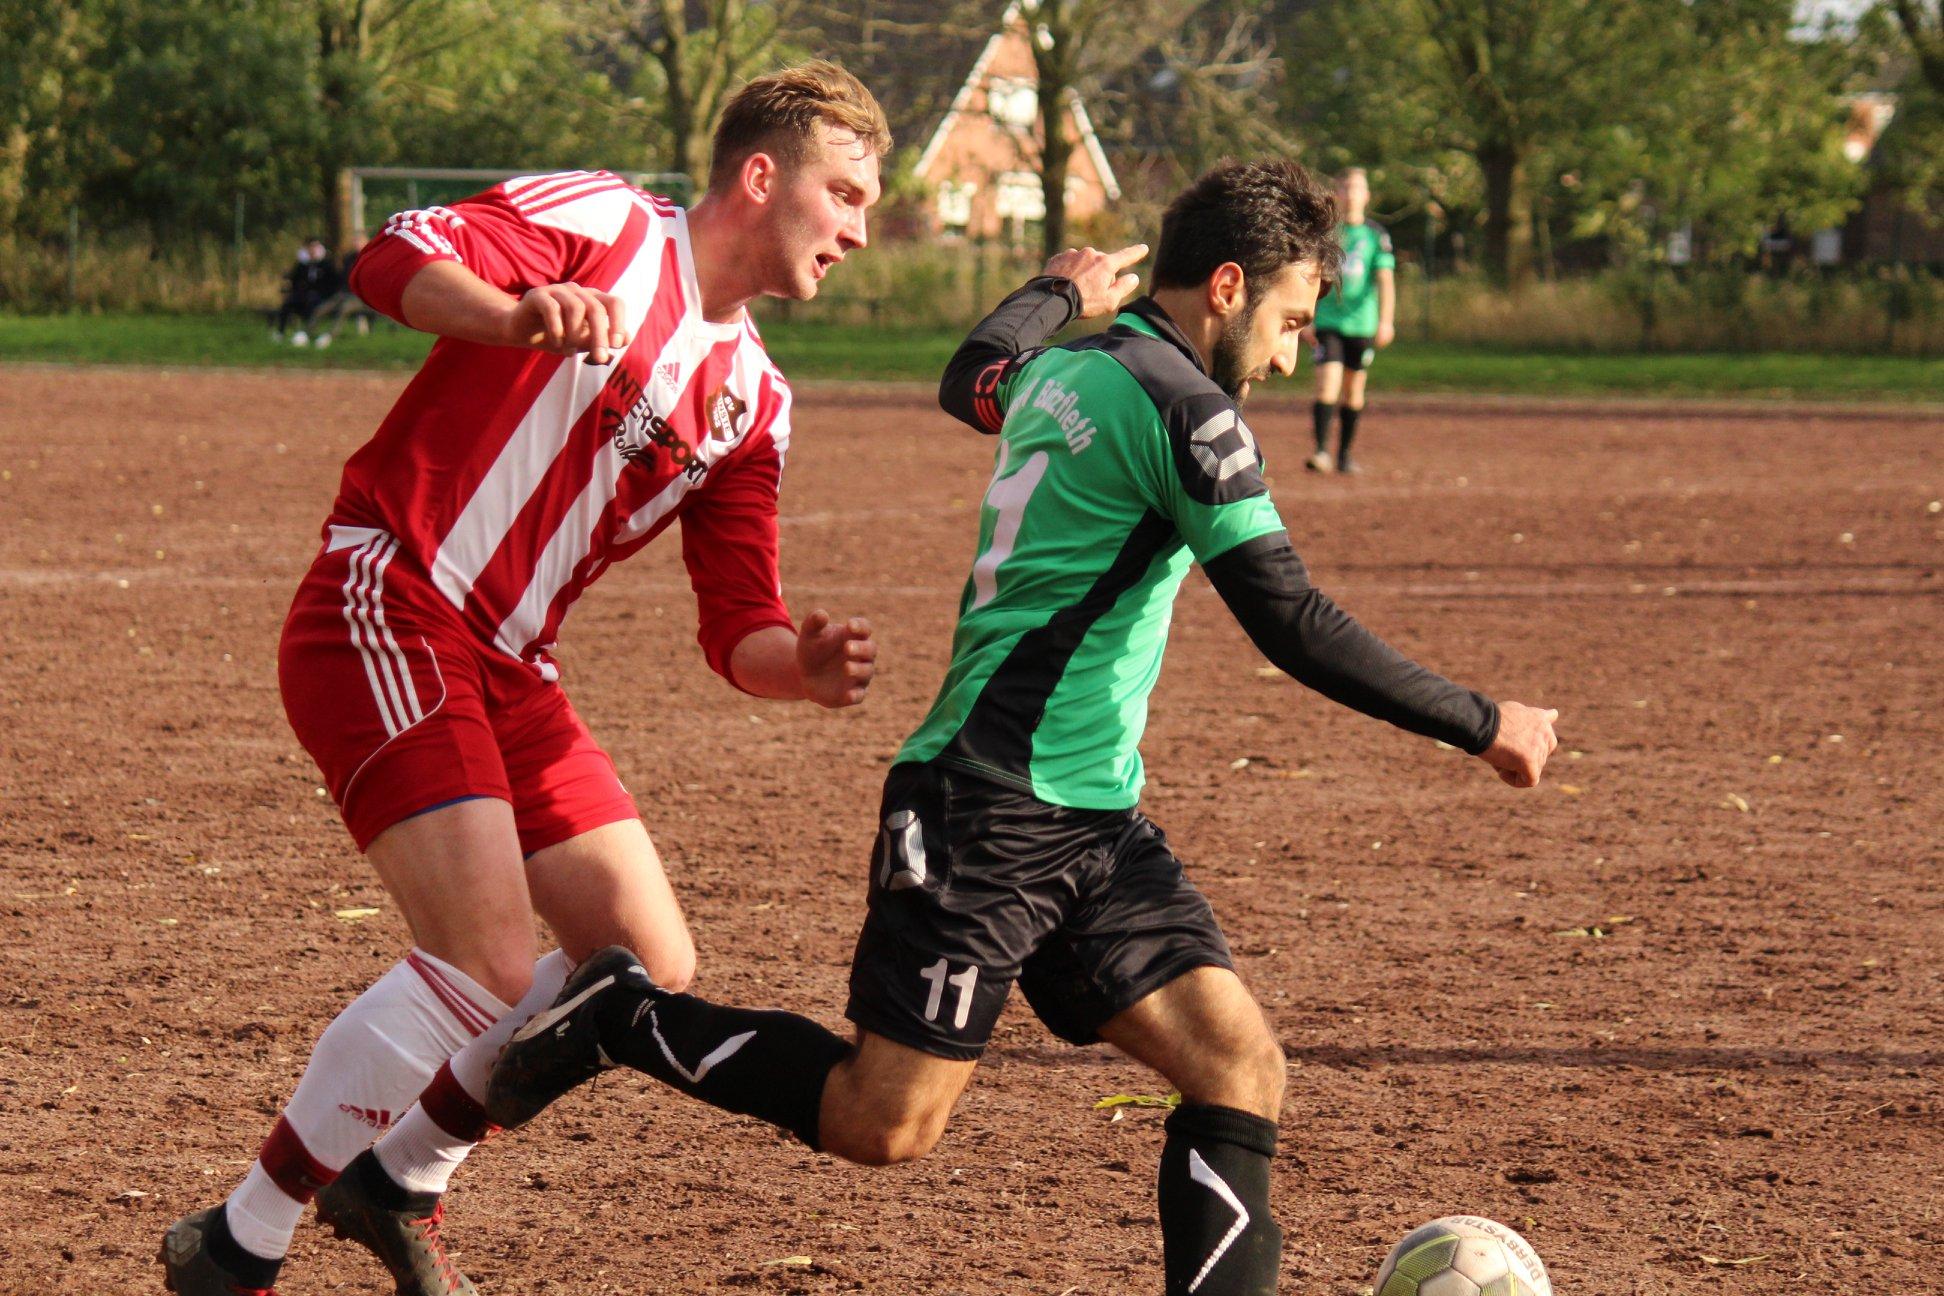 Fussball Keisliga: Spitzenreiter Bargstedt verliert